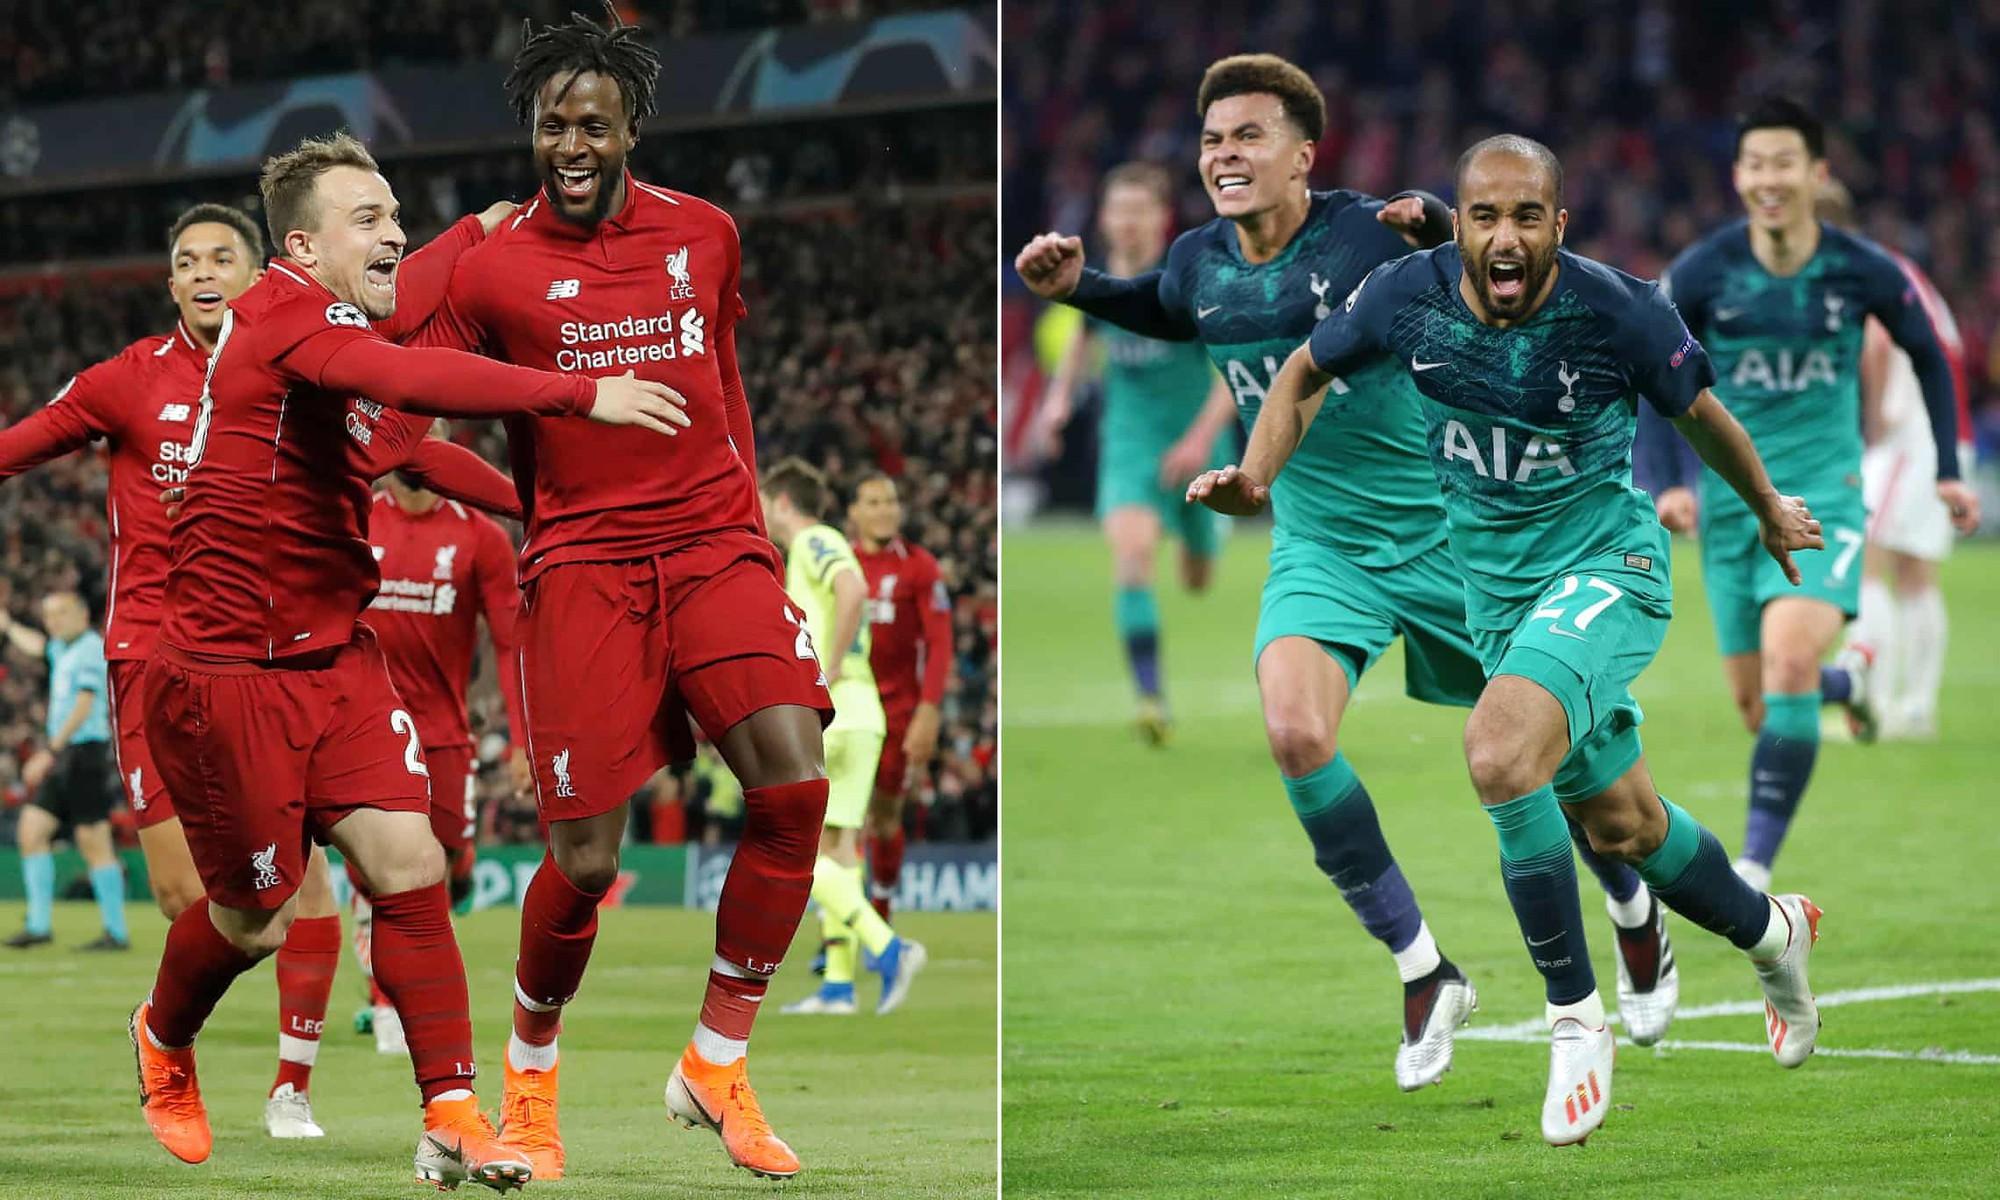 Tottenham vs Liverpool: Chung kết của những người truyền cảm hứng - Ảnh 1.